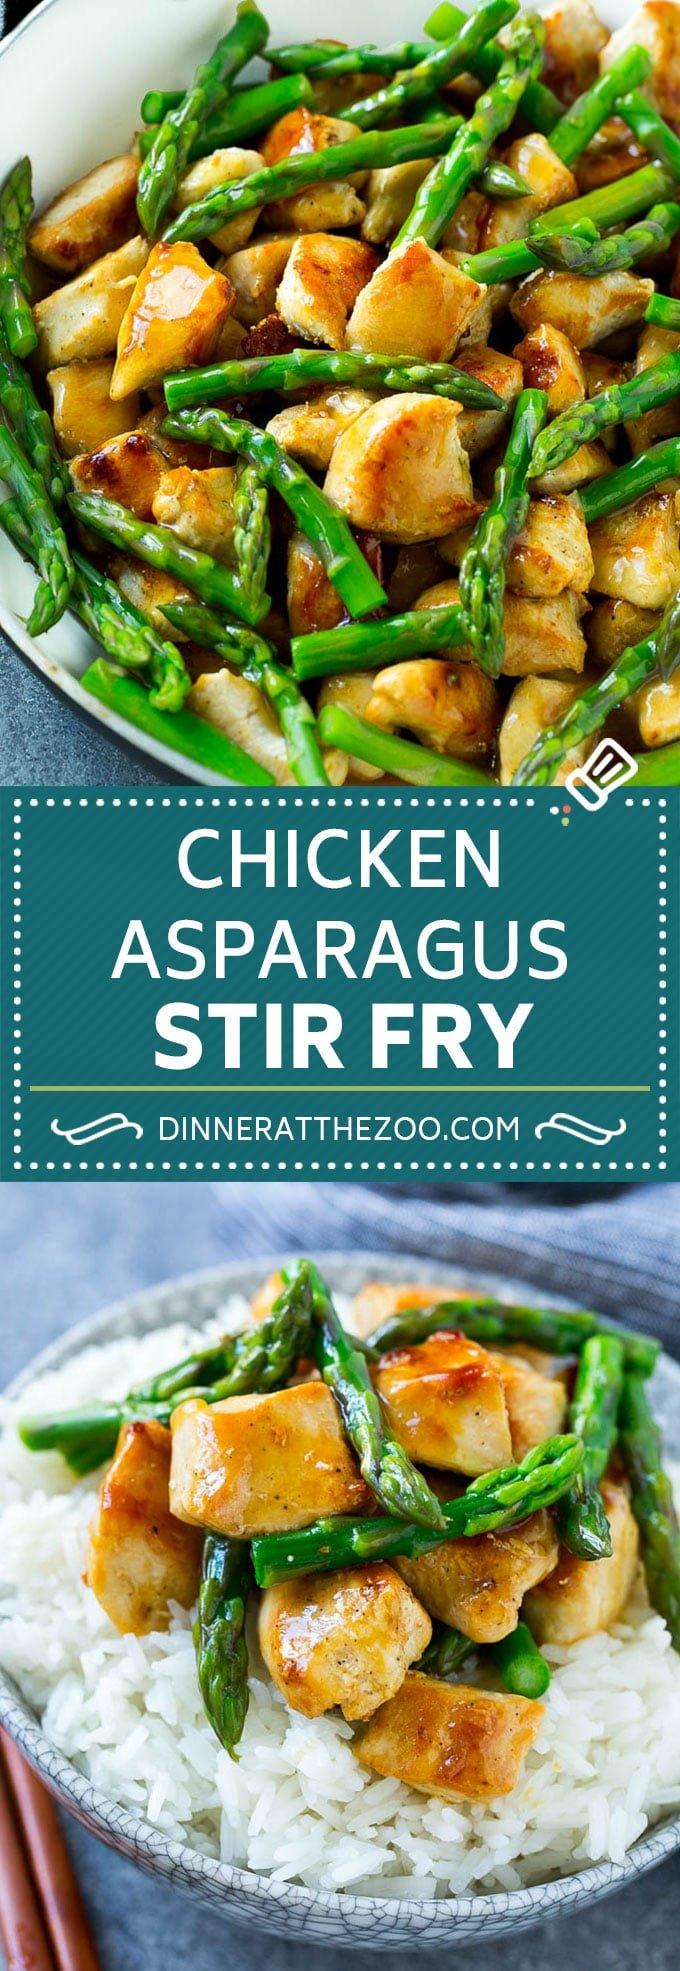 Chicken and Asparagus Stir Fry | Chicken Stir Fry | Easy Stir Fry | Asparagus Recipe #asparagus #chicken #stirfry #healthy #dinneratthezoo